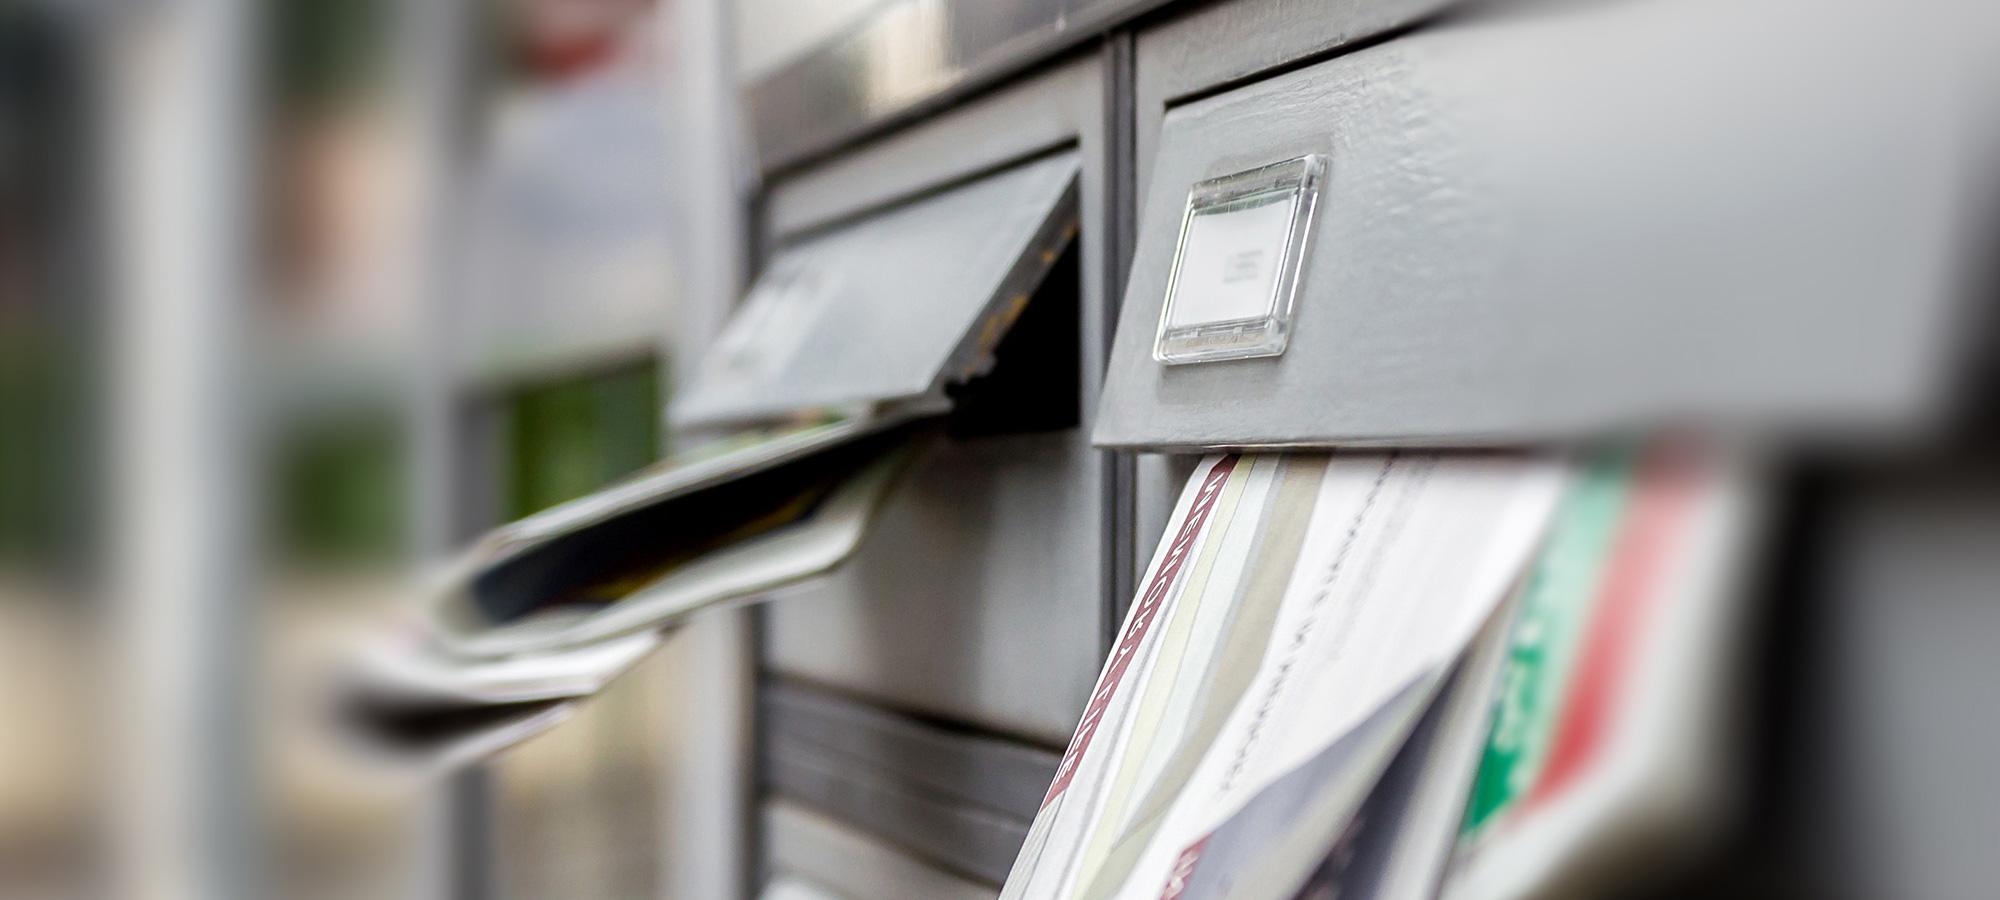 Optimisation des prospectus en boîte à lettre